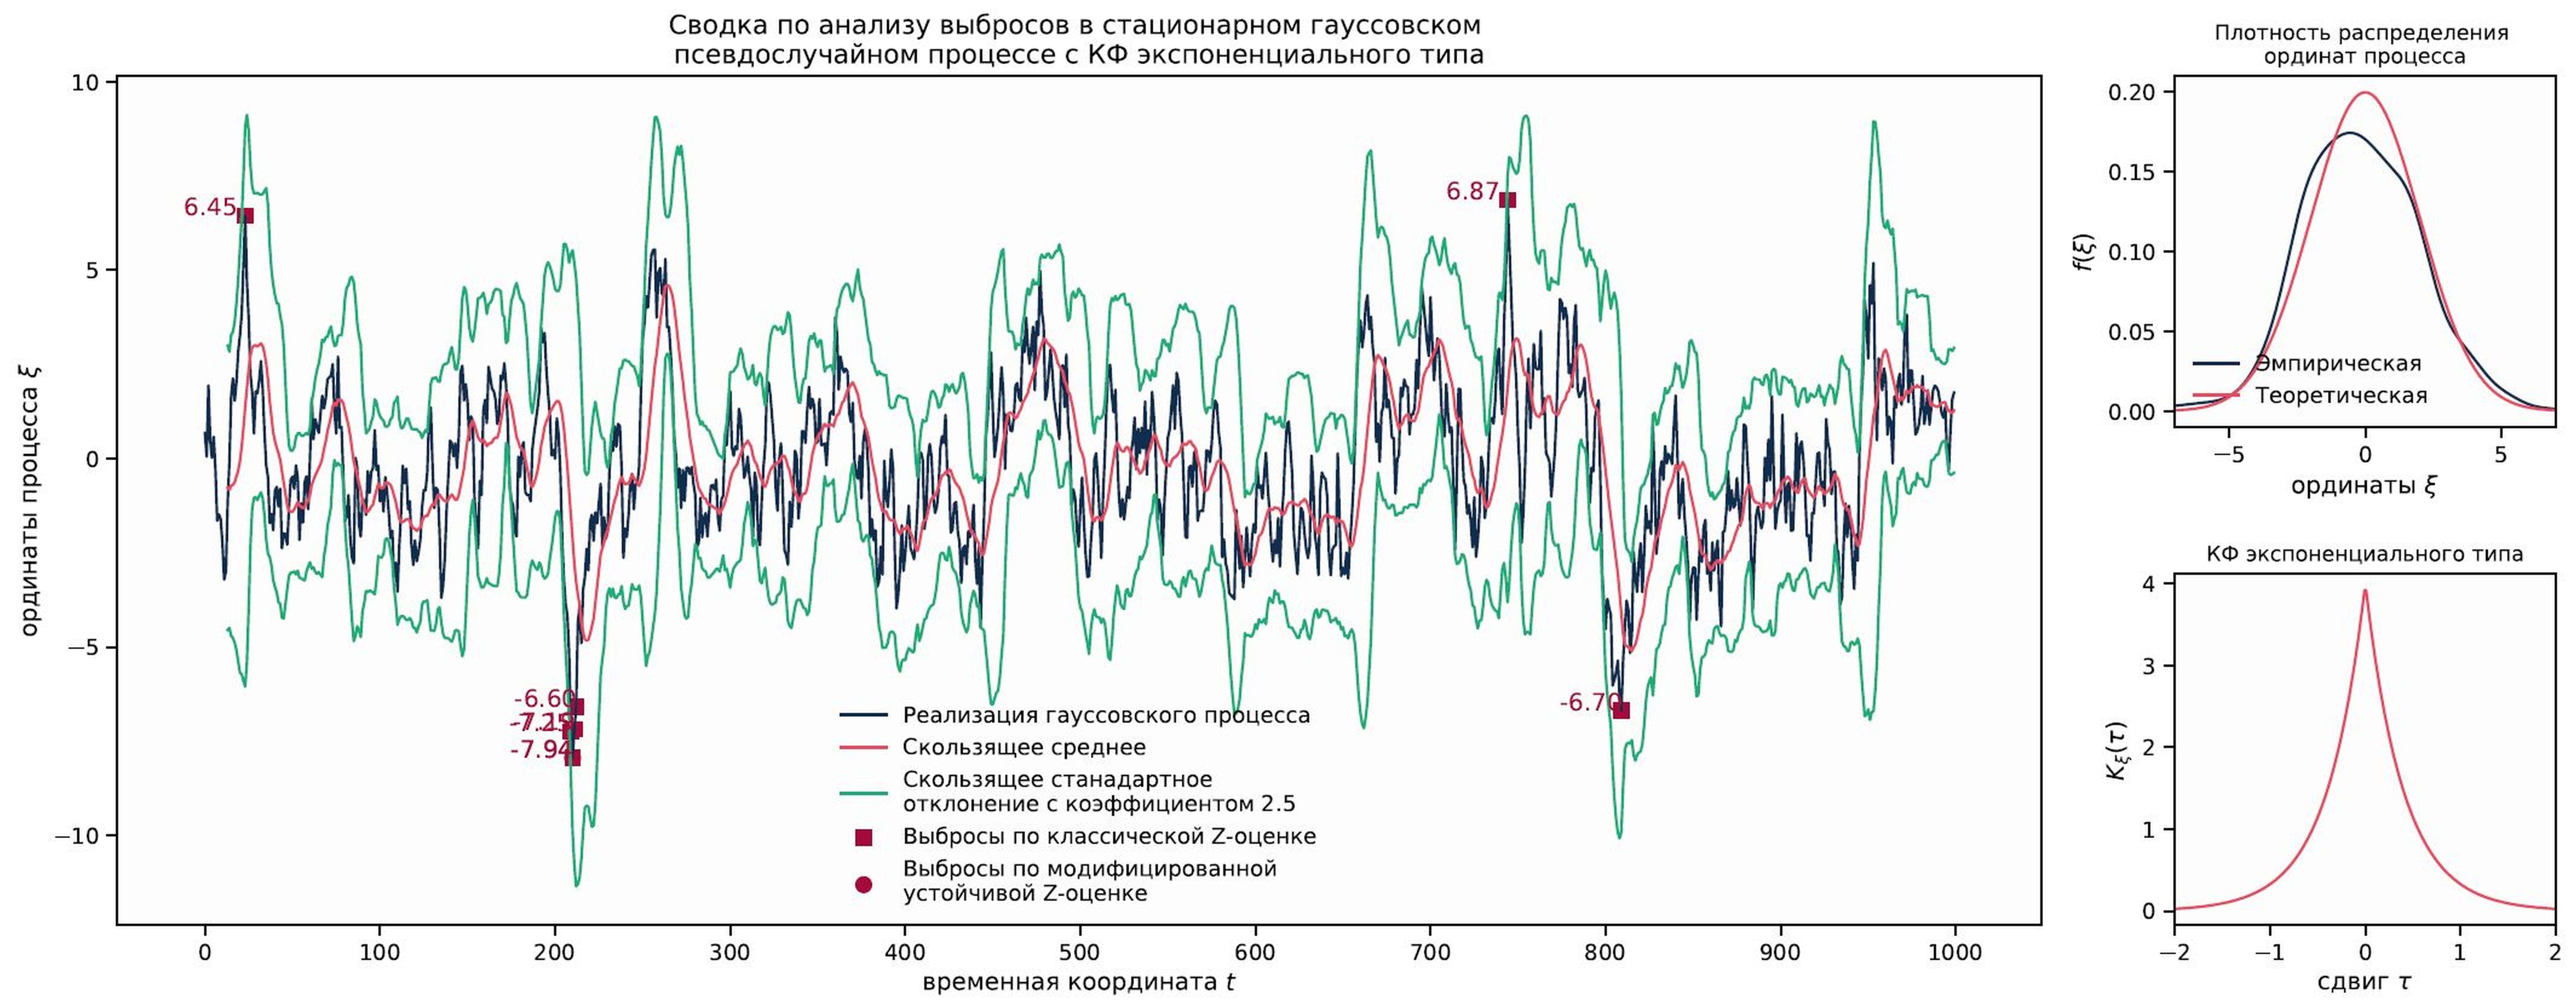 <i>Сводка по анализу выбросов стационарного гауссовского псевдослучайного процесса с корреляционной функцией экспоненциального типа</i>